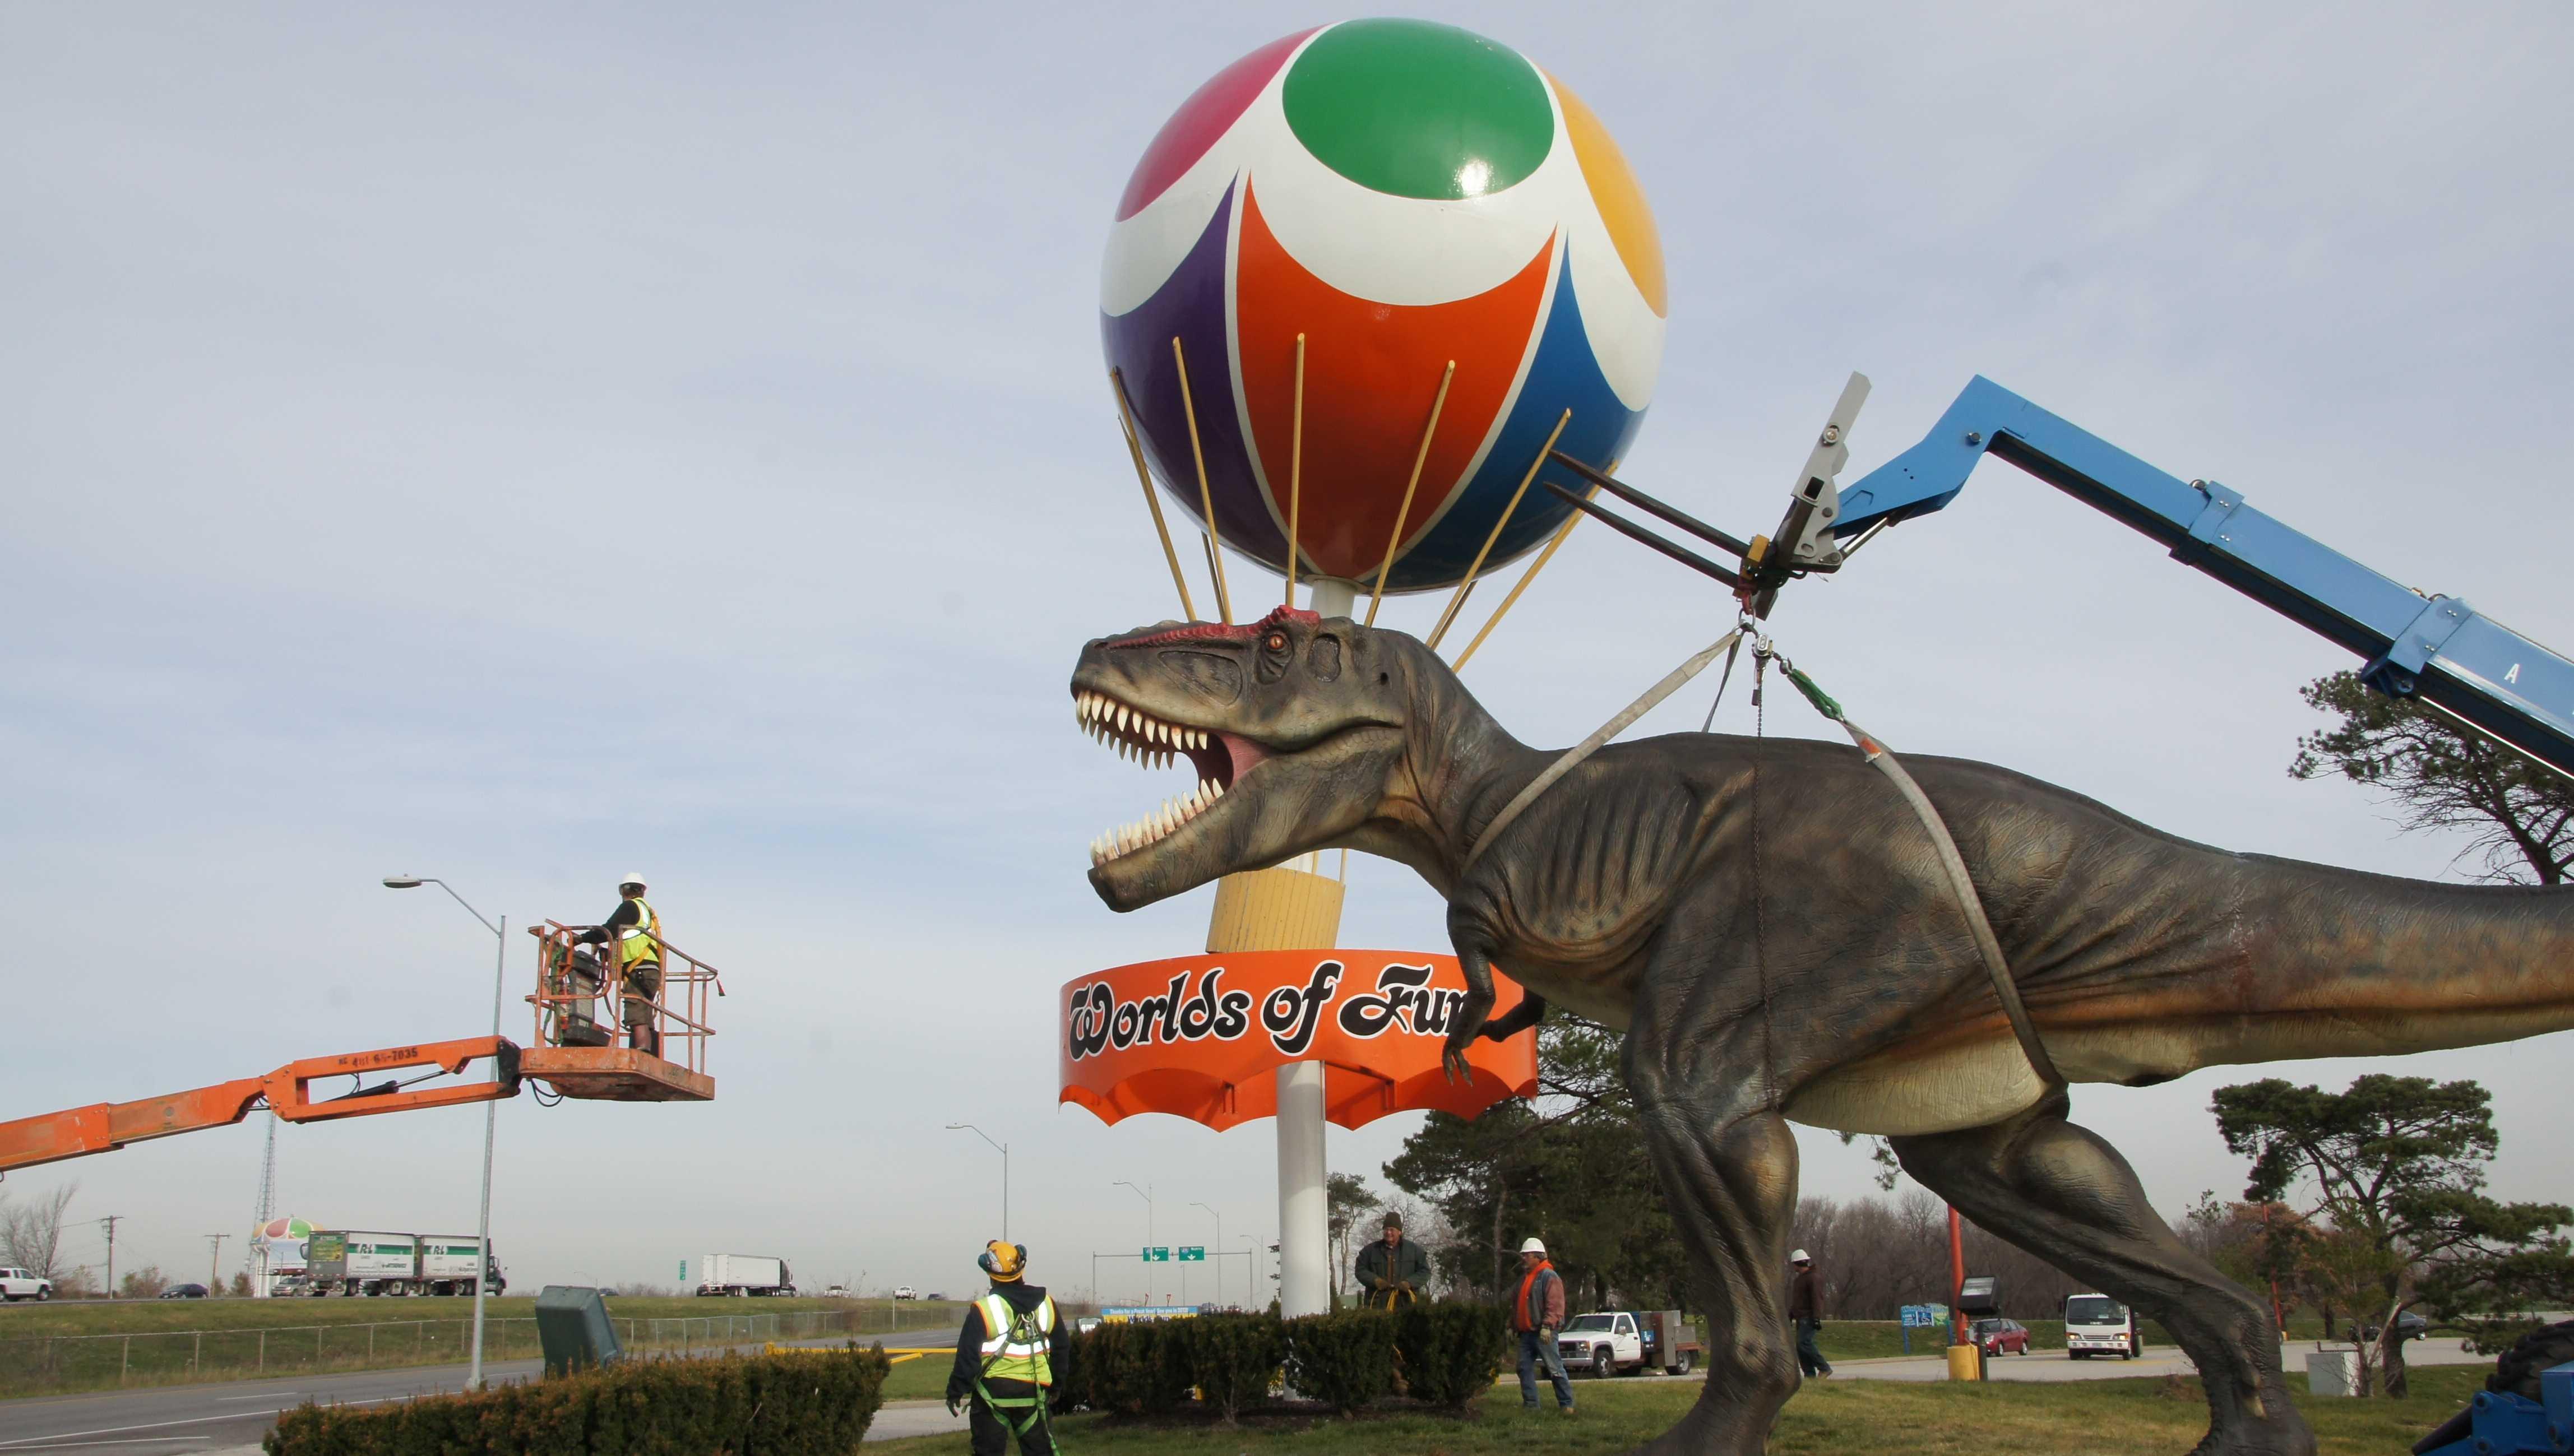 Image Worlds of Fun T-Rex